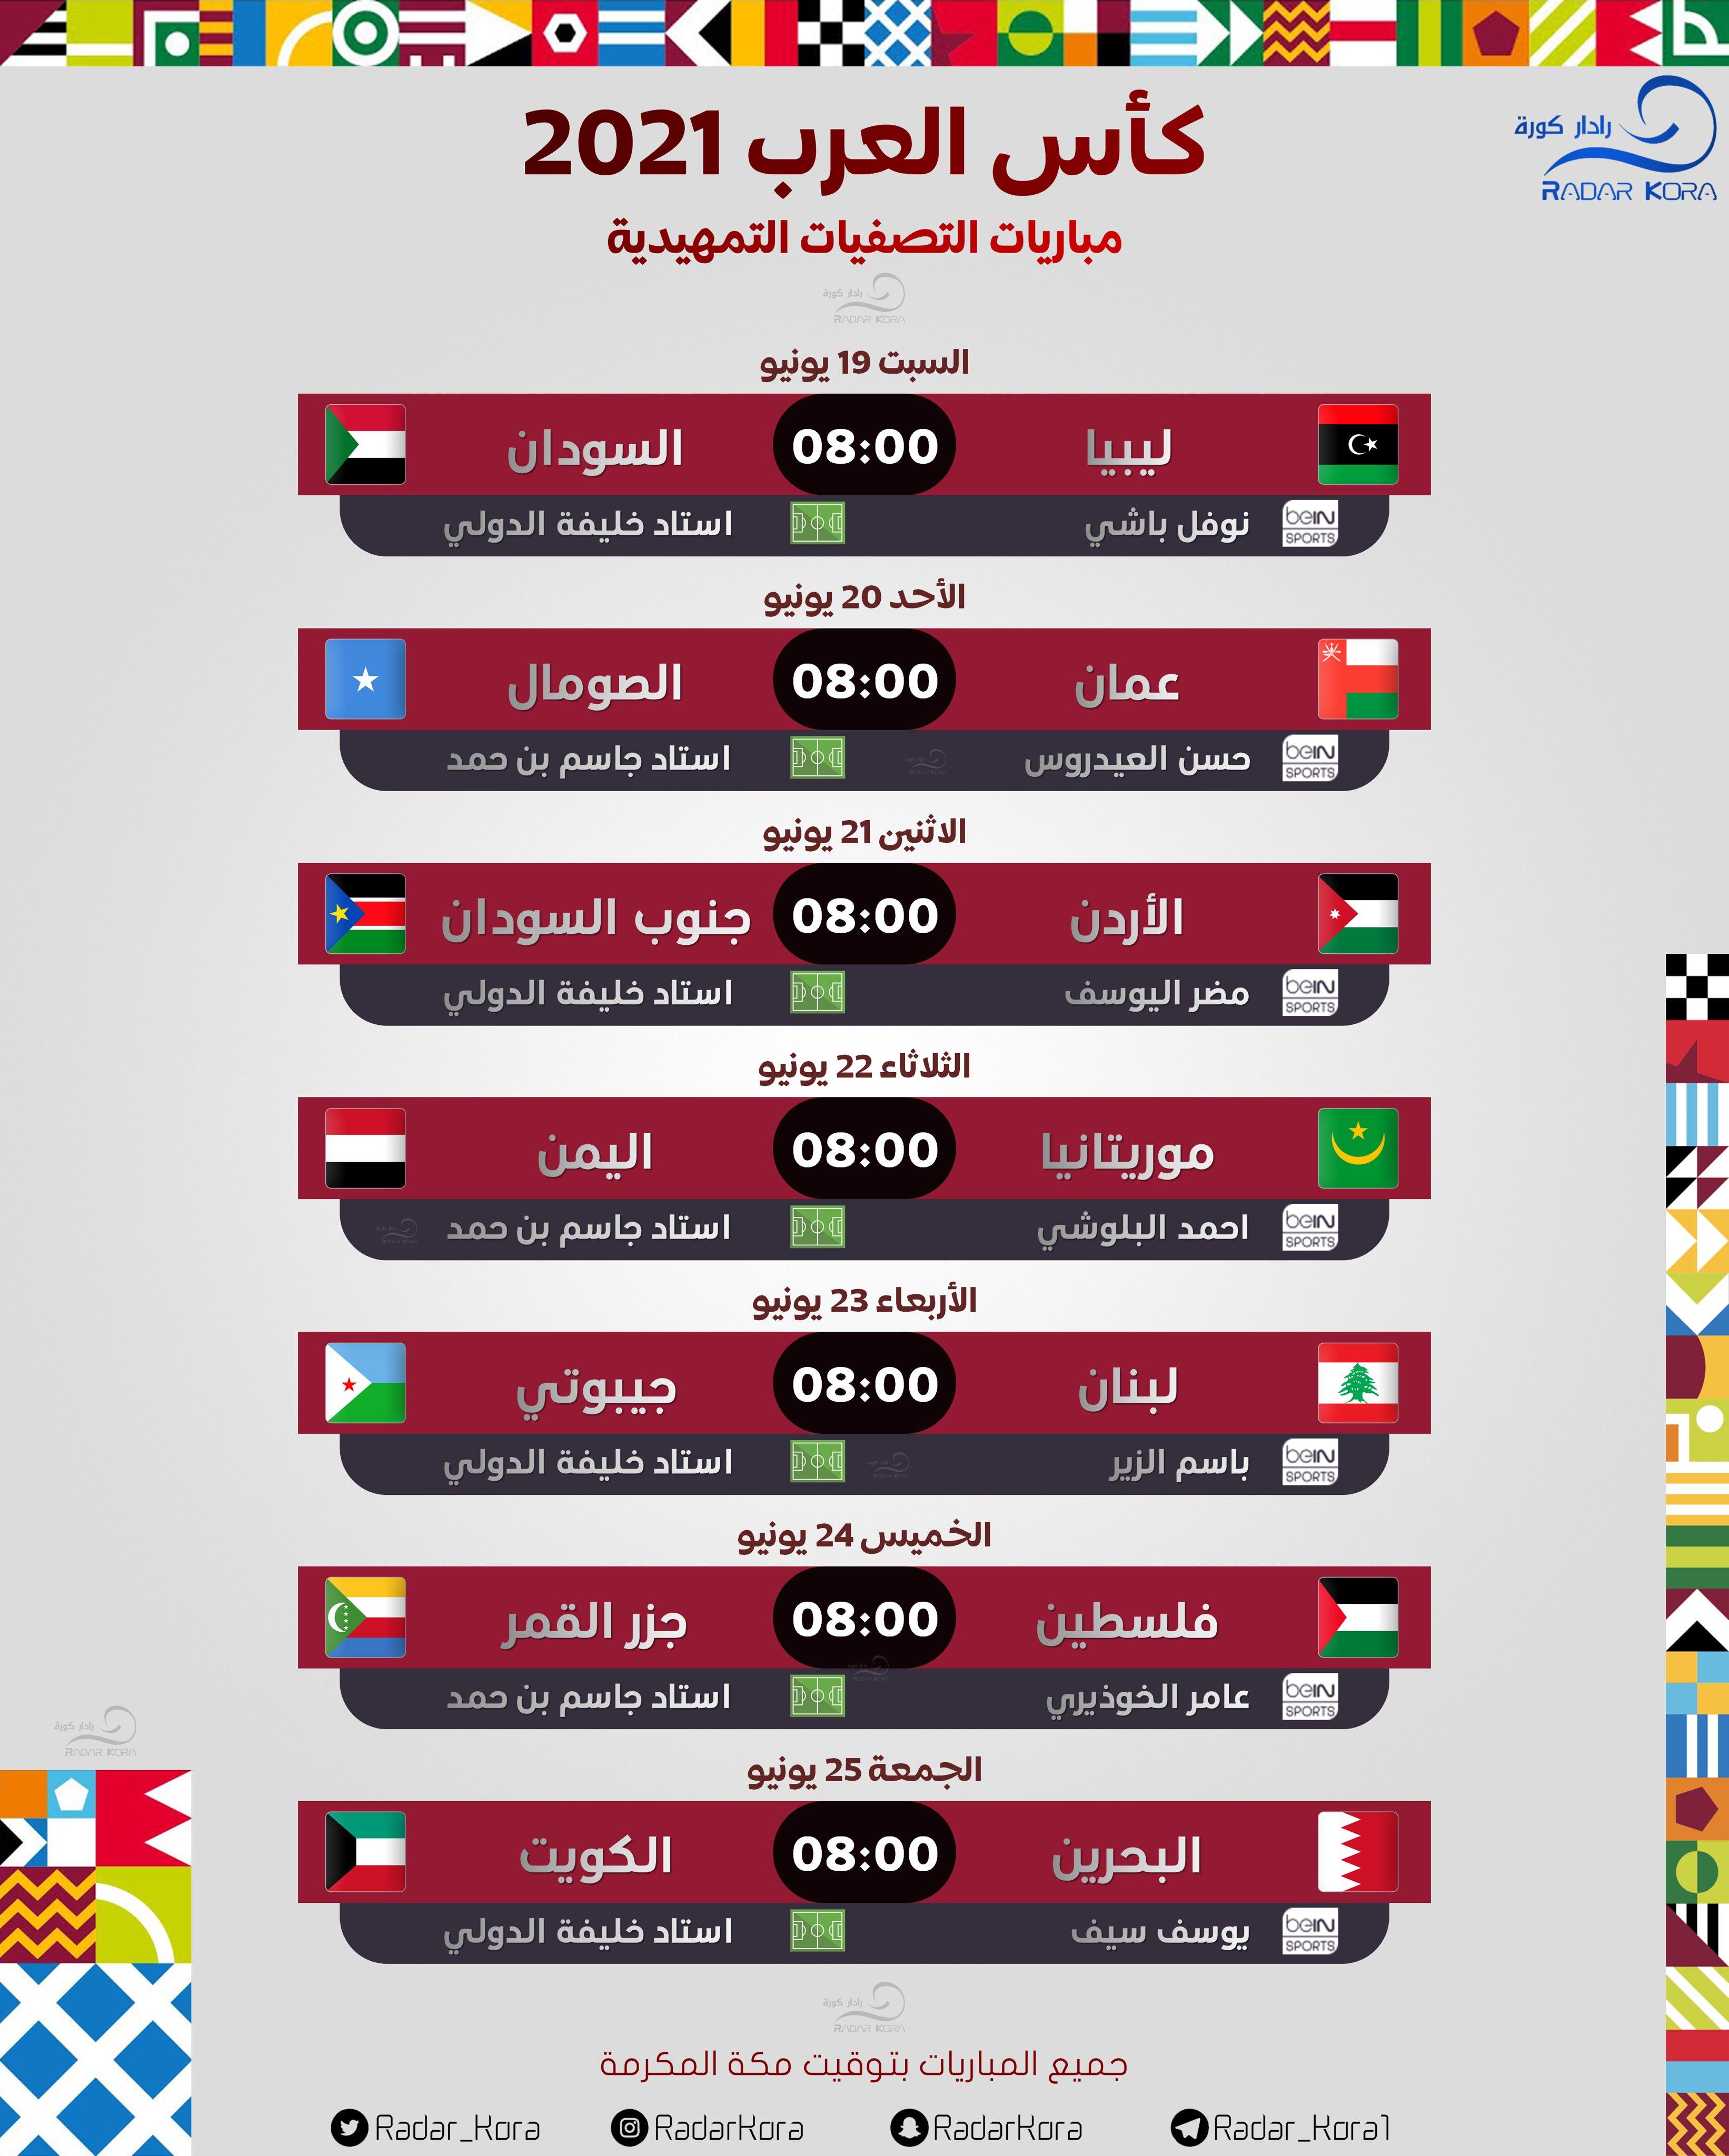 جدول مواعيد مباريات تصفيات بطولة كأس العرب 2021